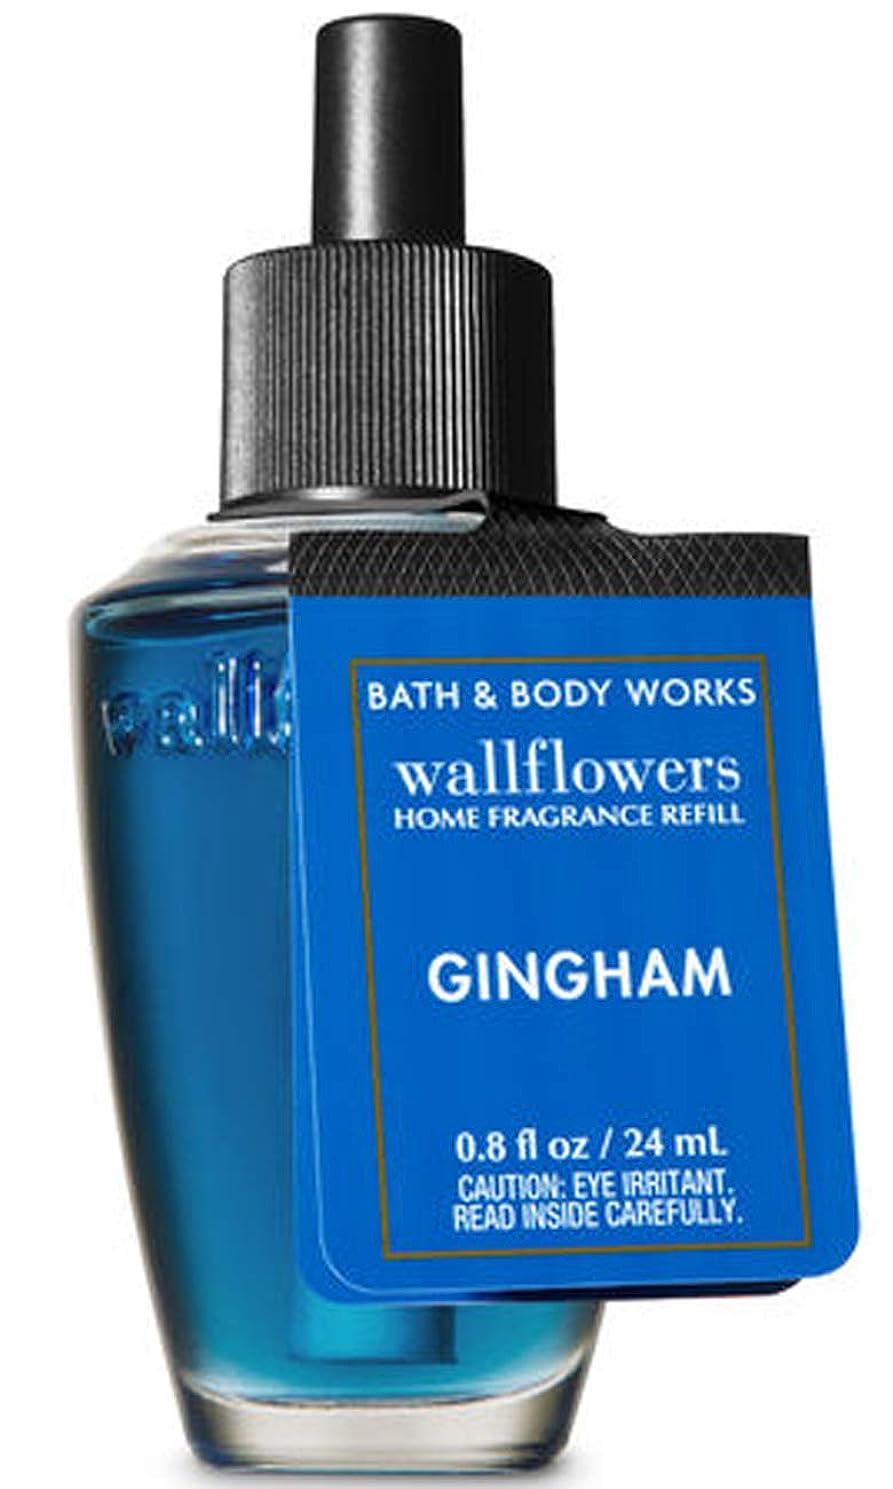 効率的に区画トーストバス&ボディワークス ギンガム ルームフレグランス リフィル 芳香剤 24ml (本体別売り) Bath & Body Works